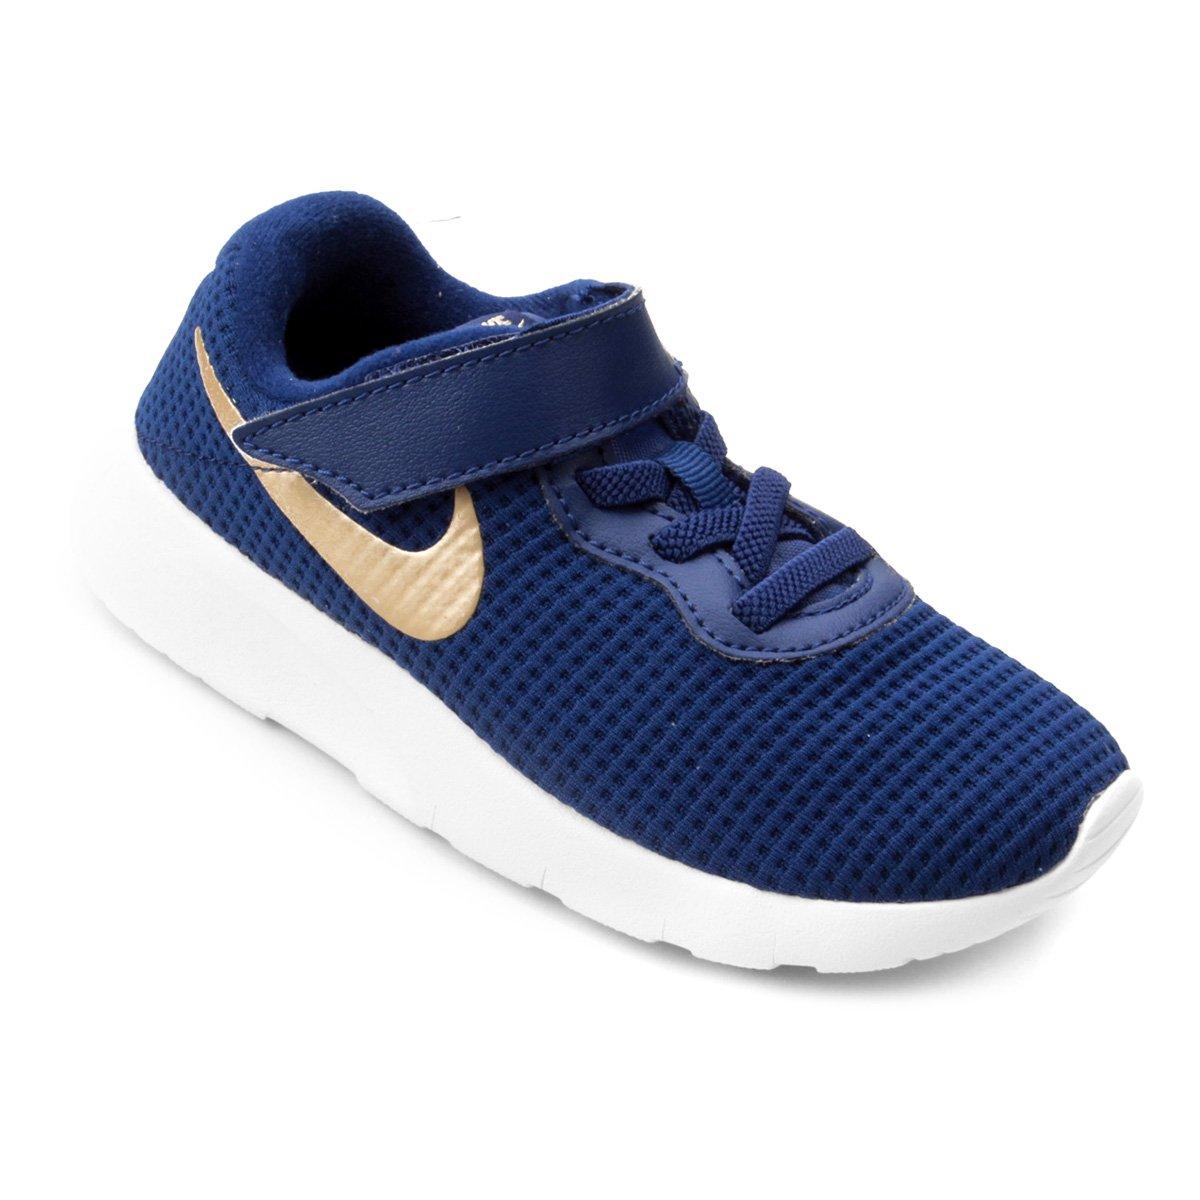 3984b5f1cae Tênis Infantil Nike Tanjun Velcro Masculino - Compre Agora